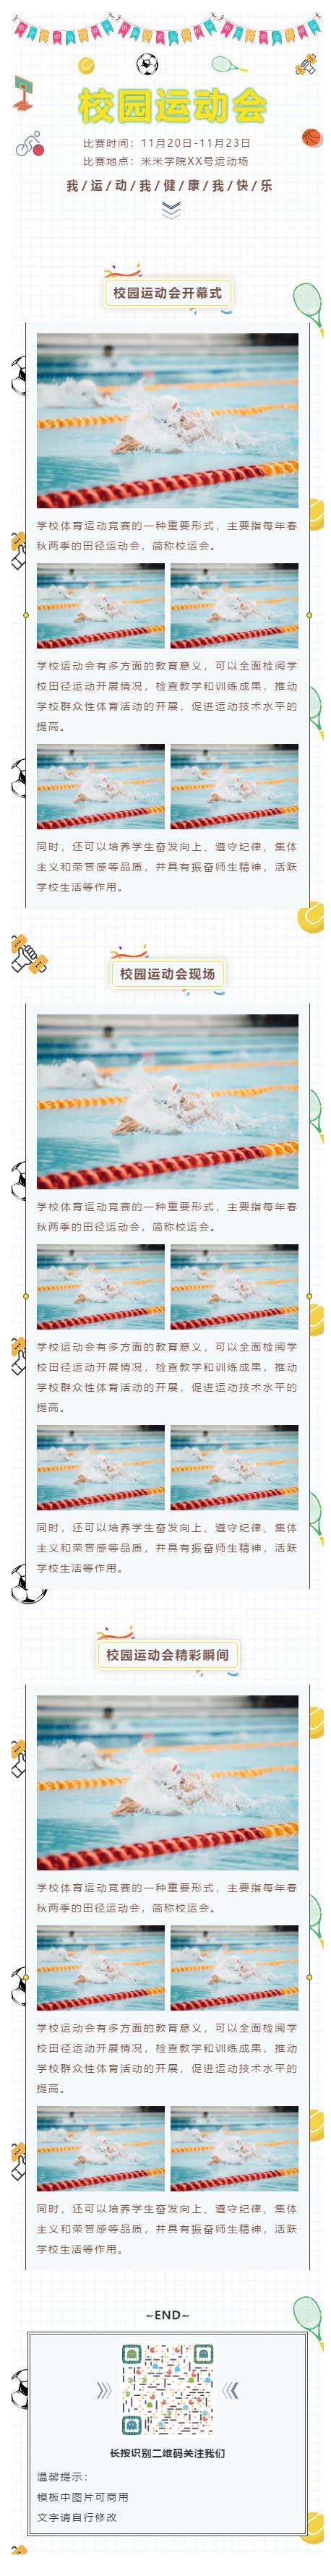 校园运动会校运会大学小学教育可爱体育微信公众号推文模板